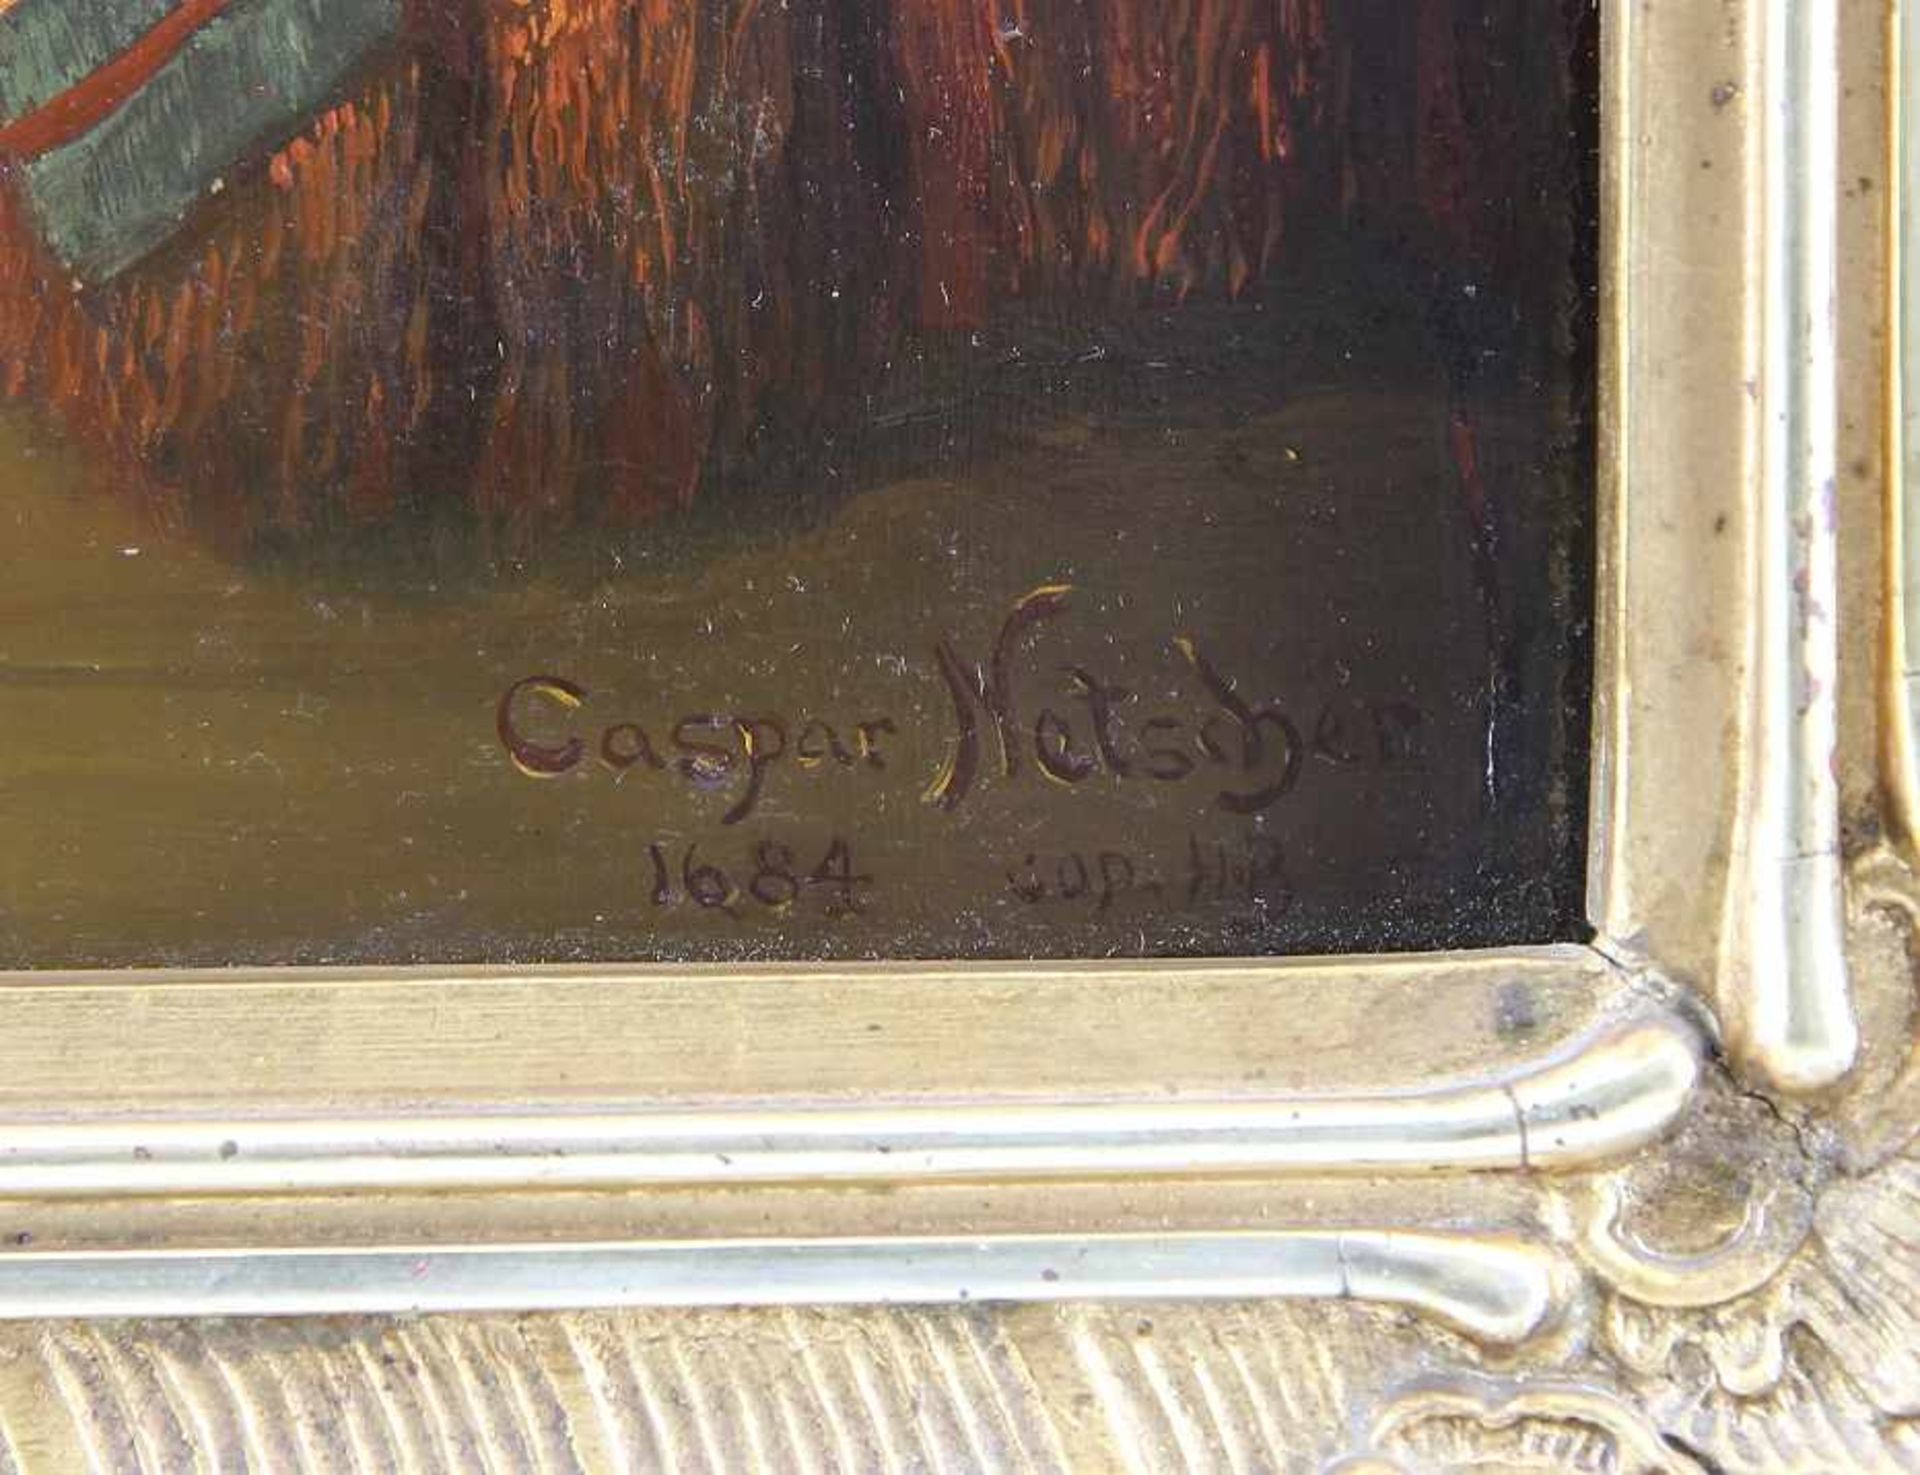 Netscher, Caspar (Heidelberg 1639 - 1684 Den Hague) after - Bild 3 aus 6